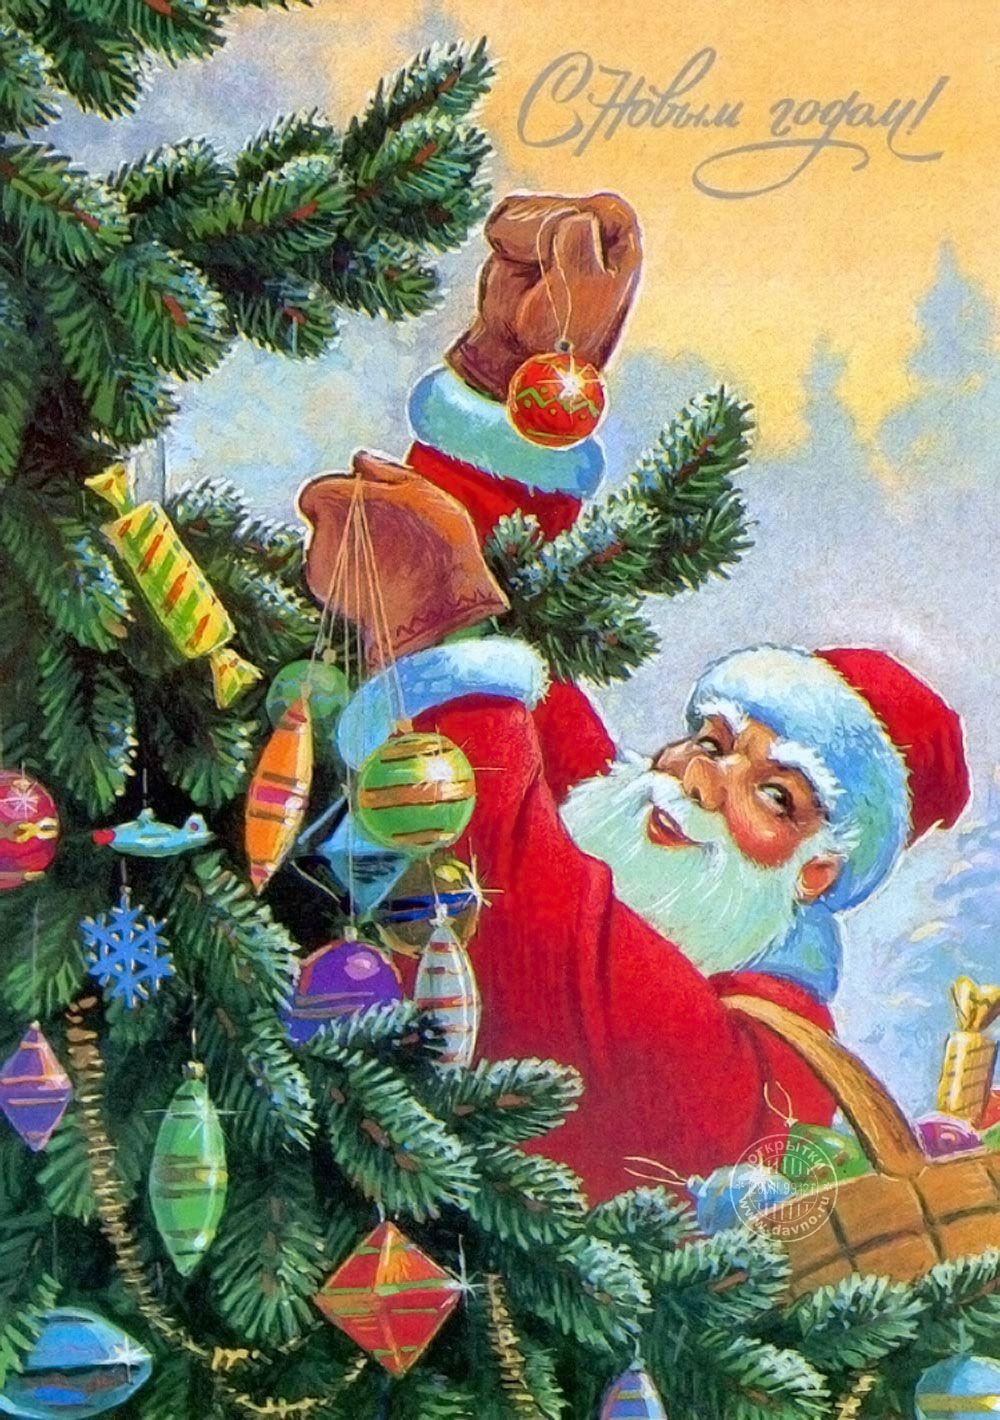 Открытки с новым годам советские, открытки